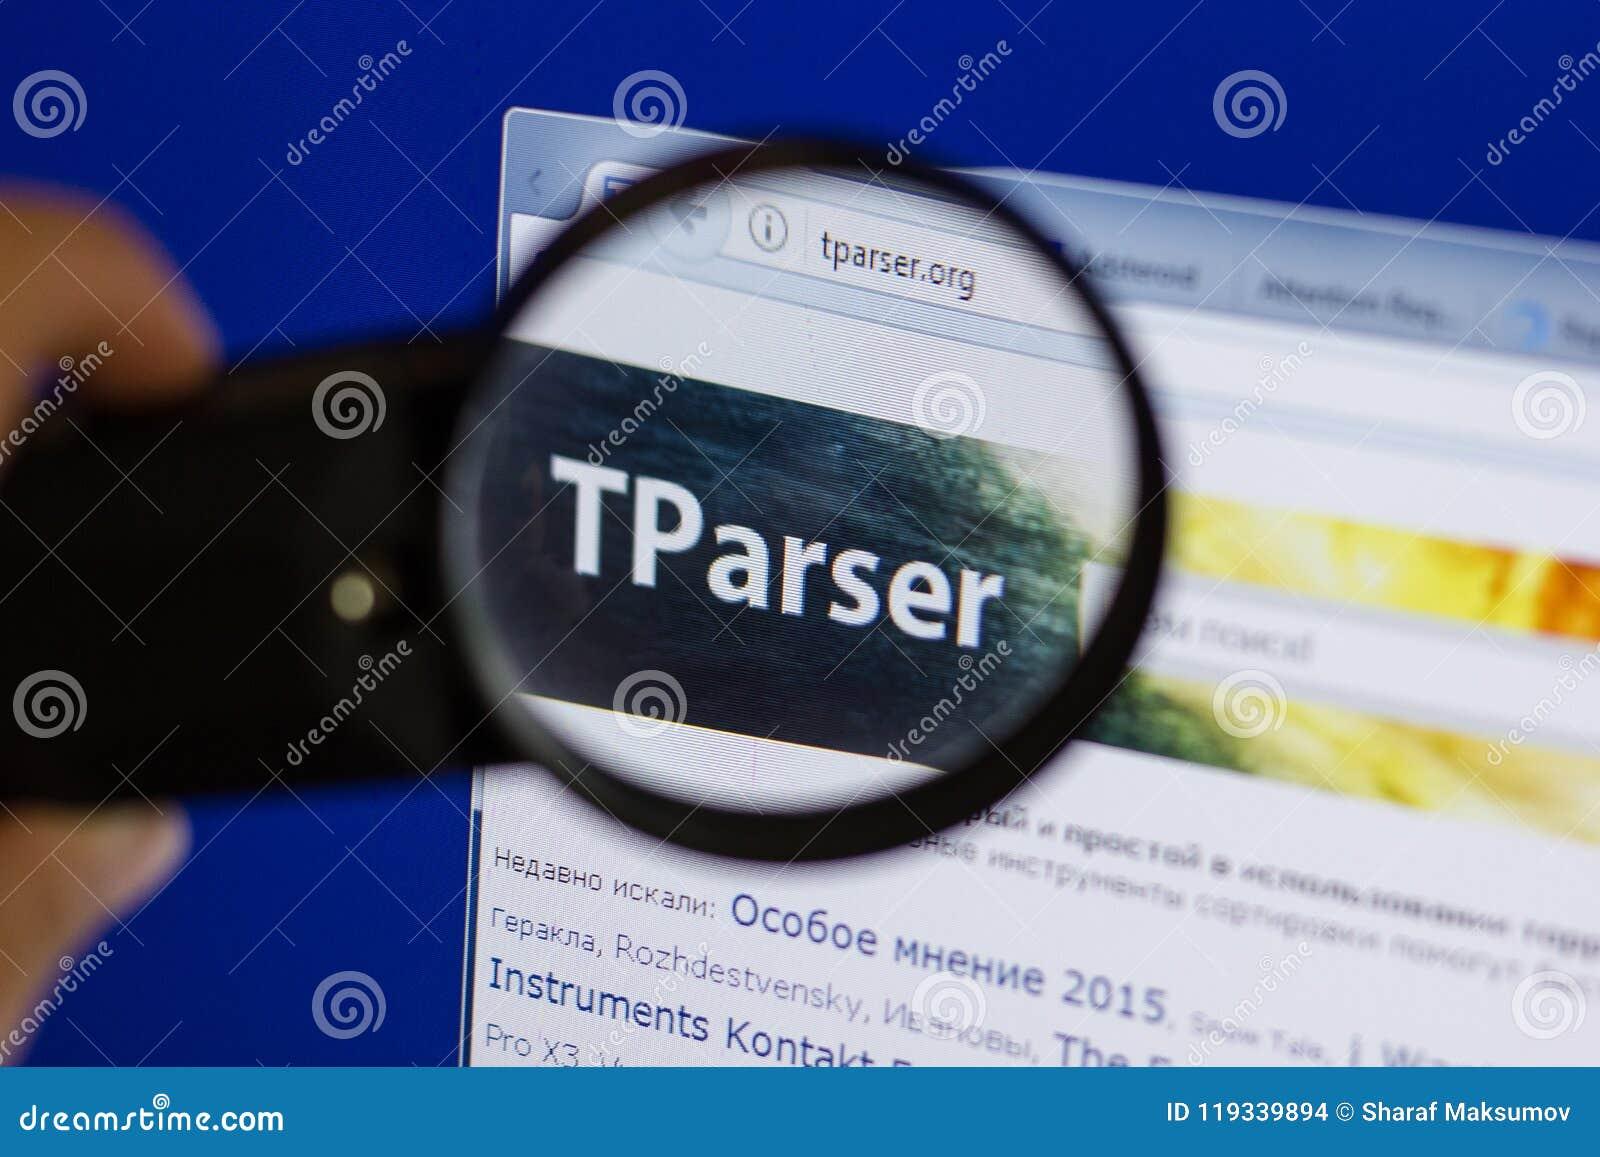 Tparser